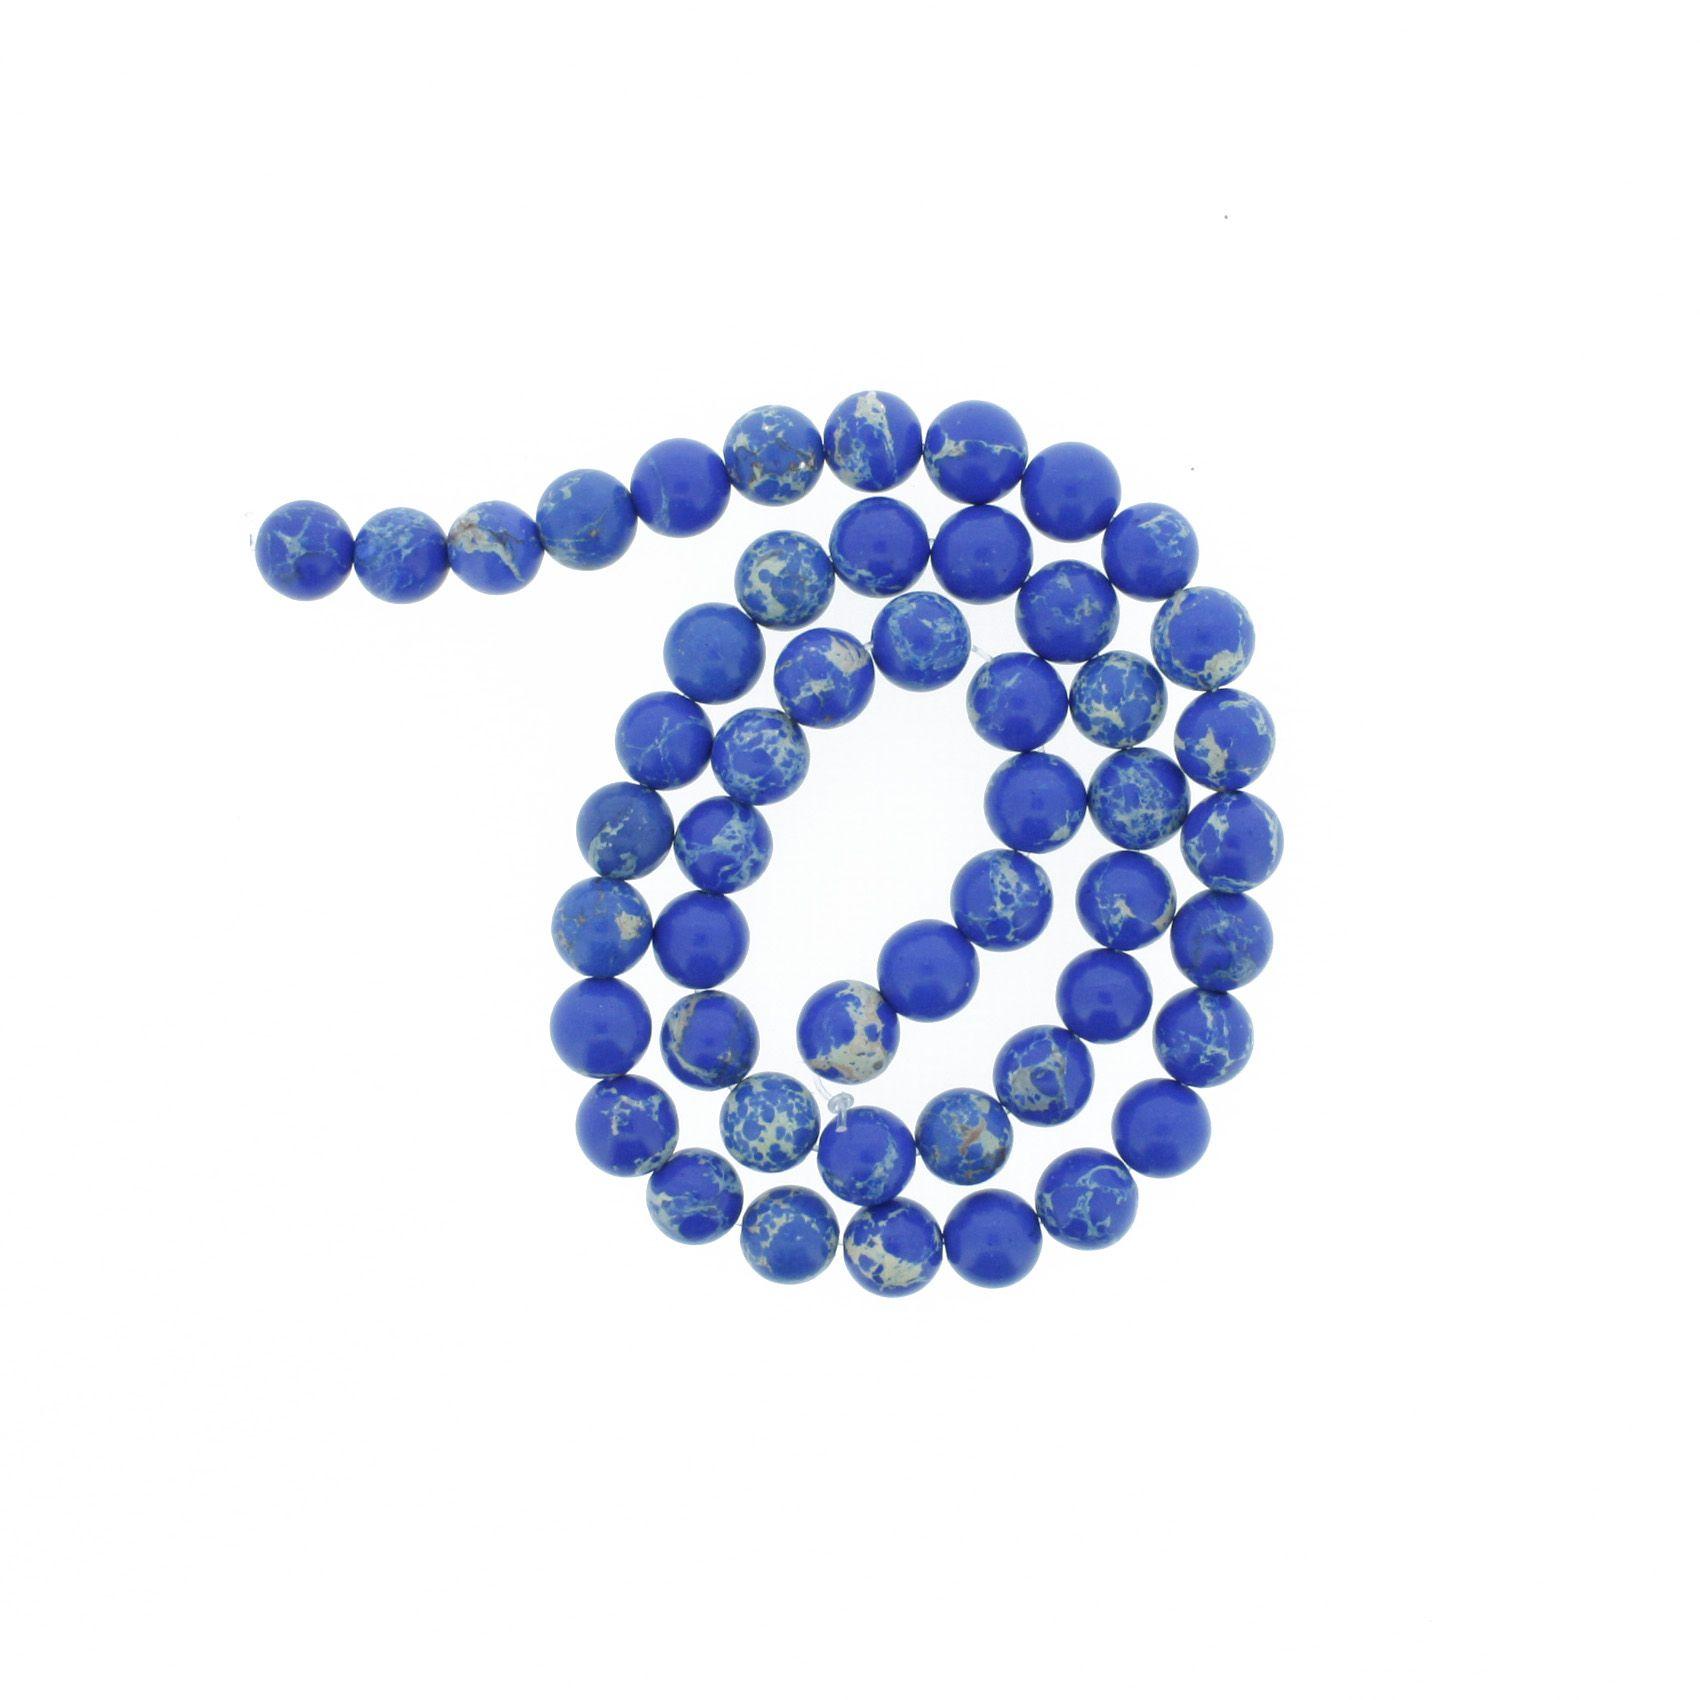 Fio de Pedra - Jaspe Imperial Azu - 8mm  - Stéphanie Bijoux® - Peças para Bijuterias e Artesanato